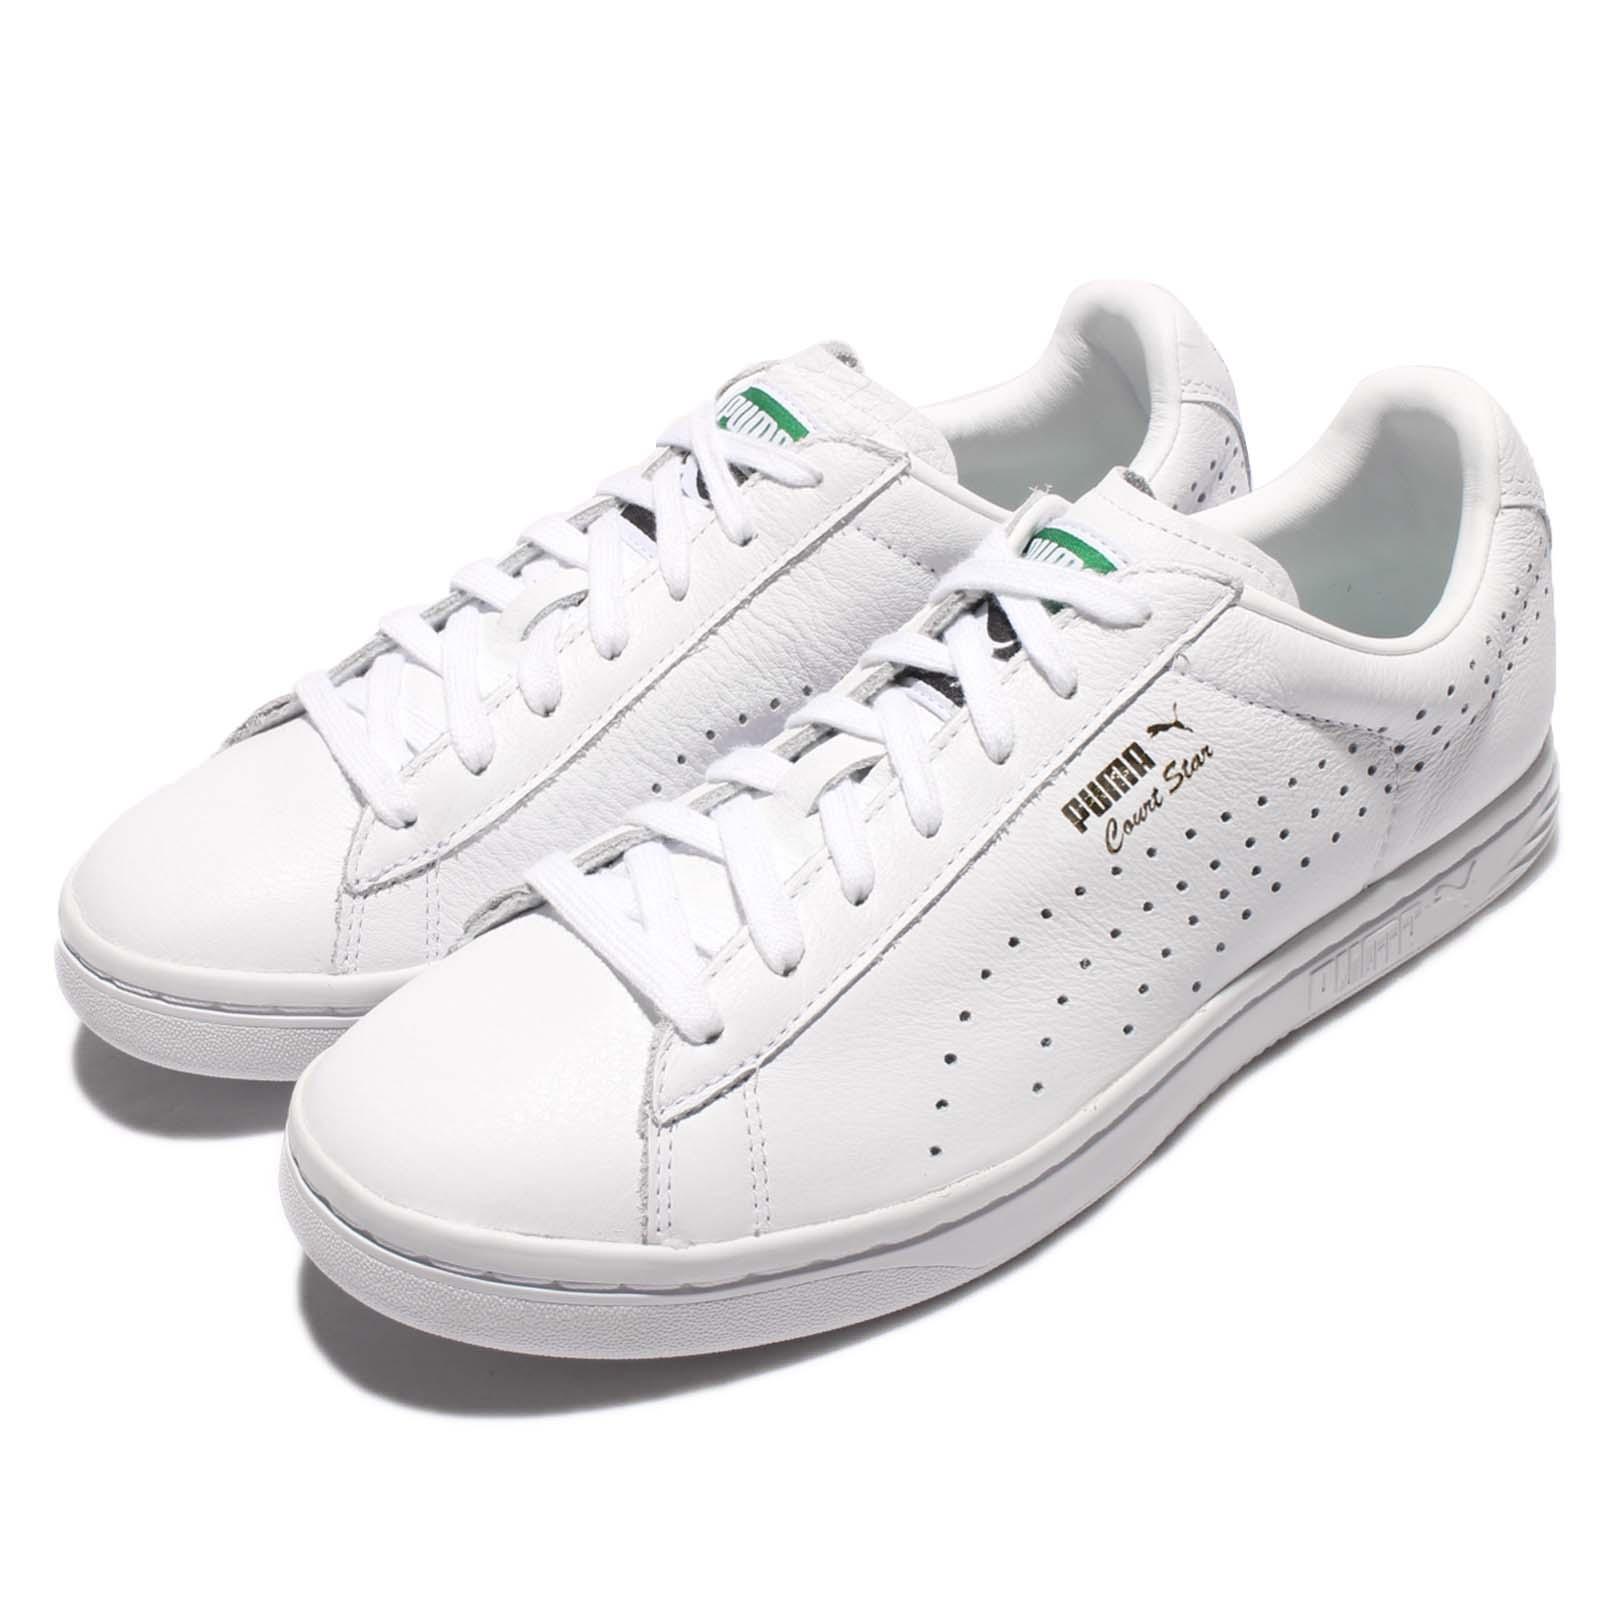 competitive price c1091 a356d Puma Court Star casi como Zapatos nuevo triple oro blanco Zapatos como  tenis informales de cuero